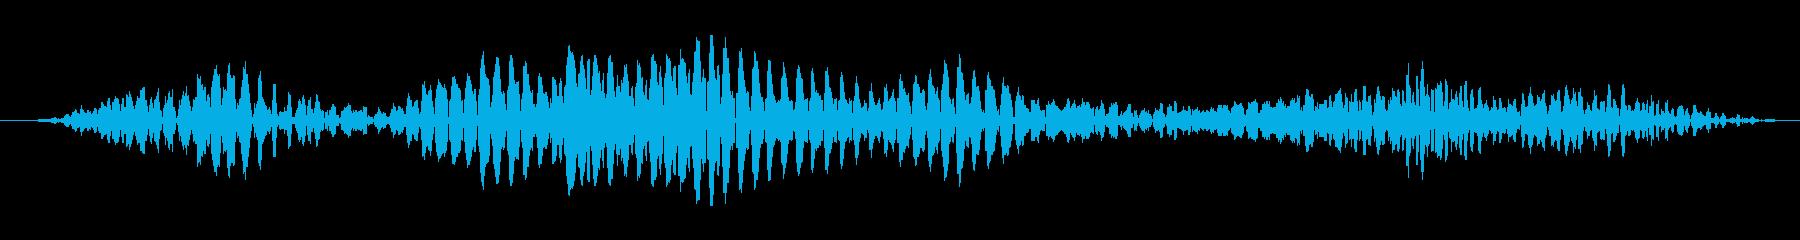 ゴロゴロと唸る怪獣の音の再生済みの波形